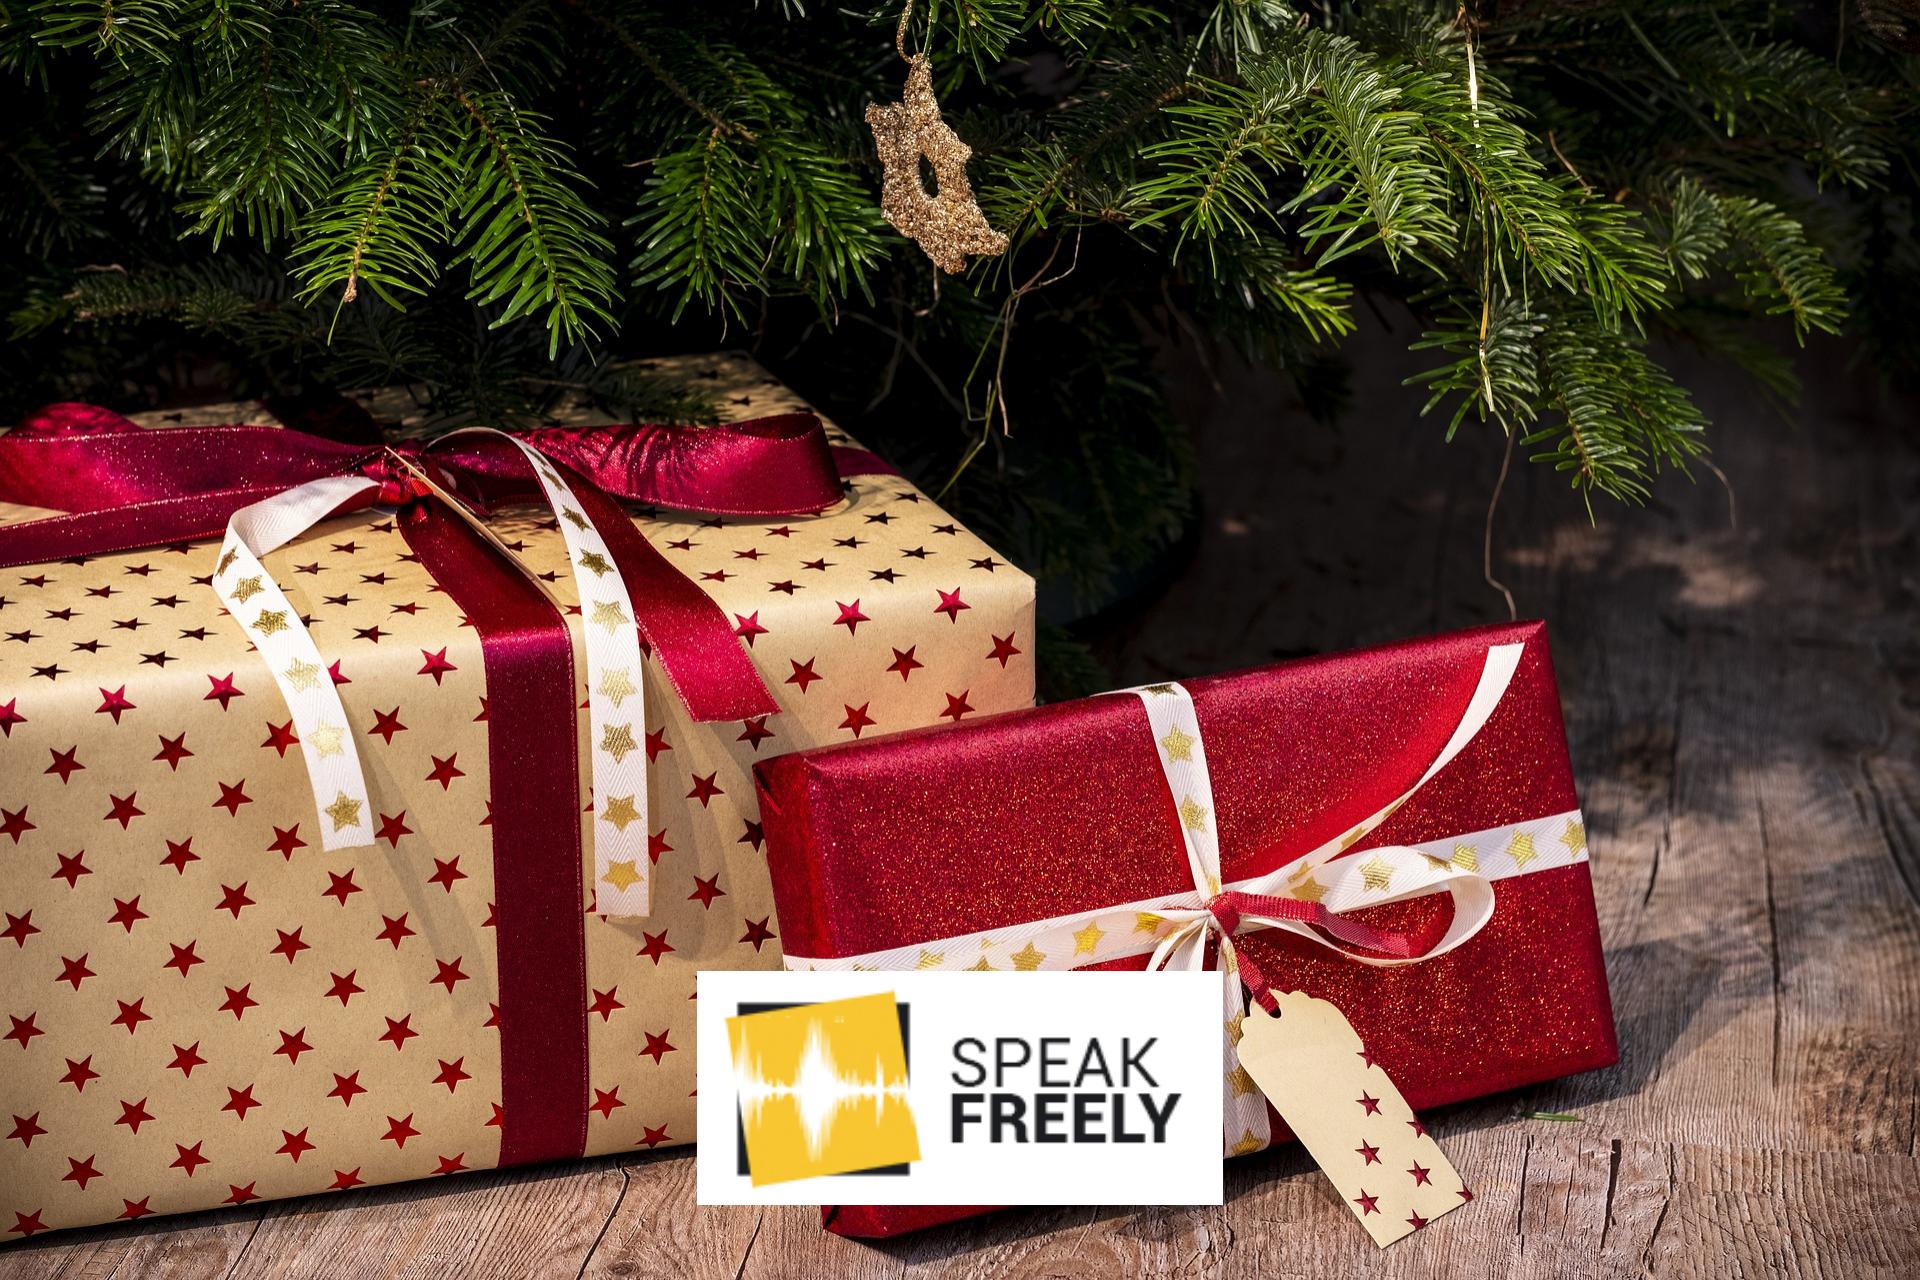 Merry Christmas from Speak Freely!